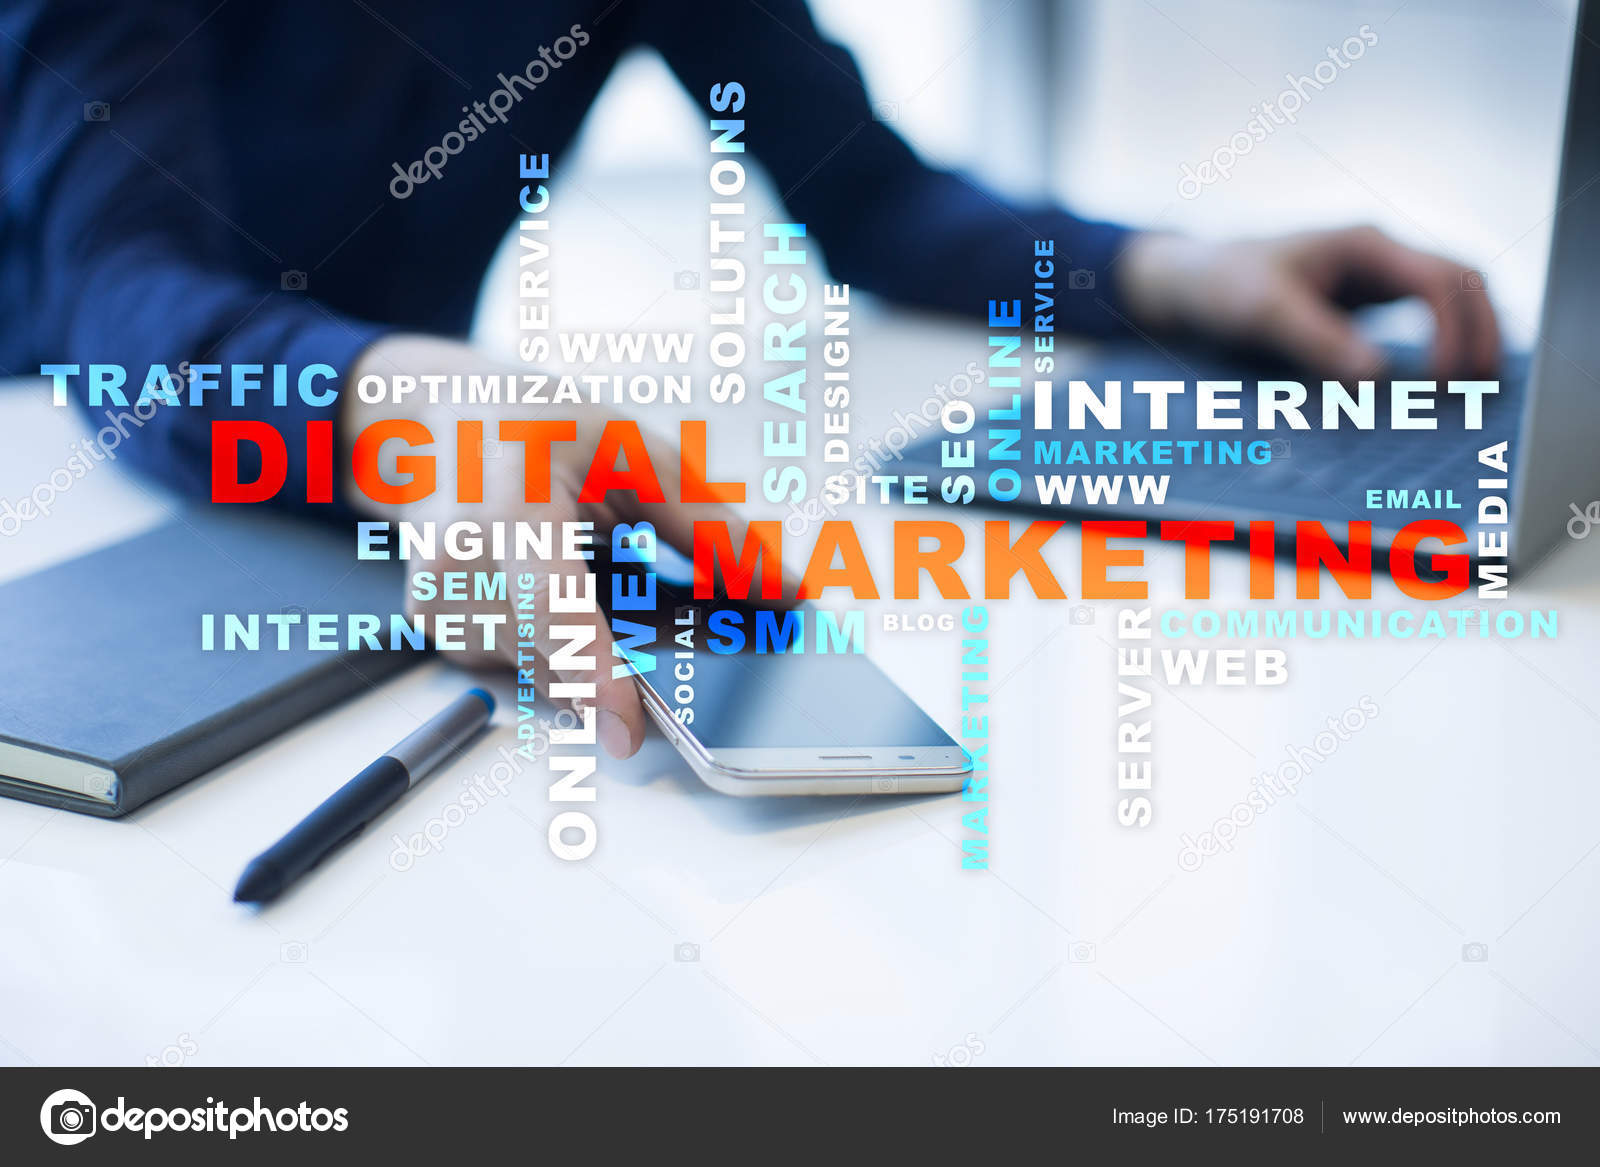 Реклама интернет технологии сайта реклама сайта интернете преимущества студии успешный опыт работы сфере